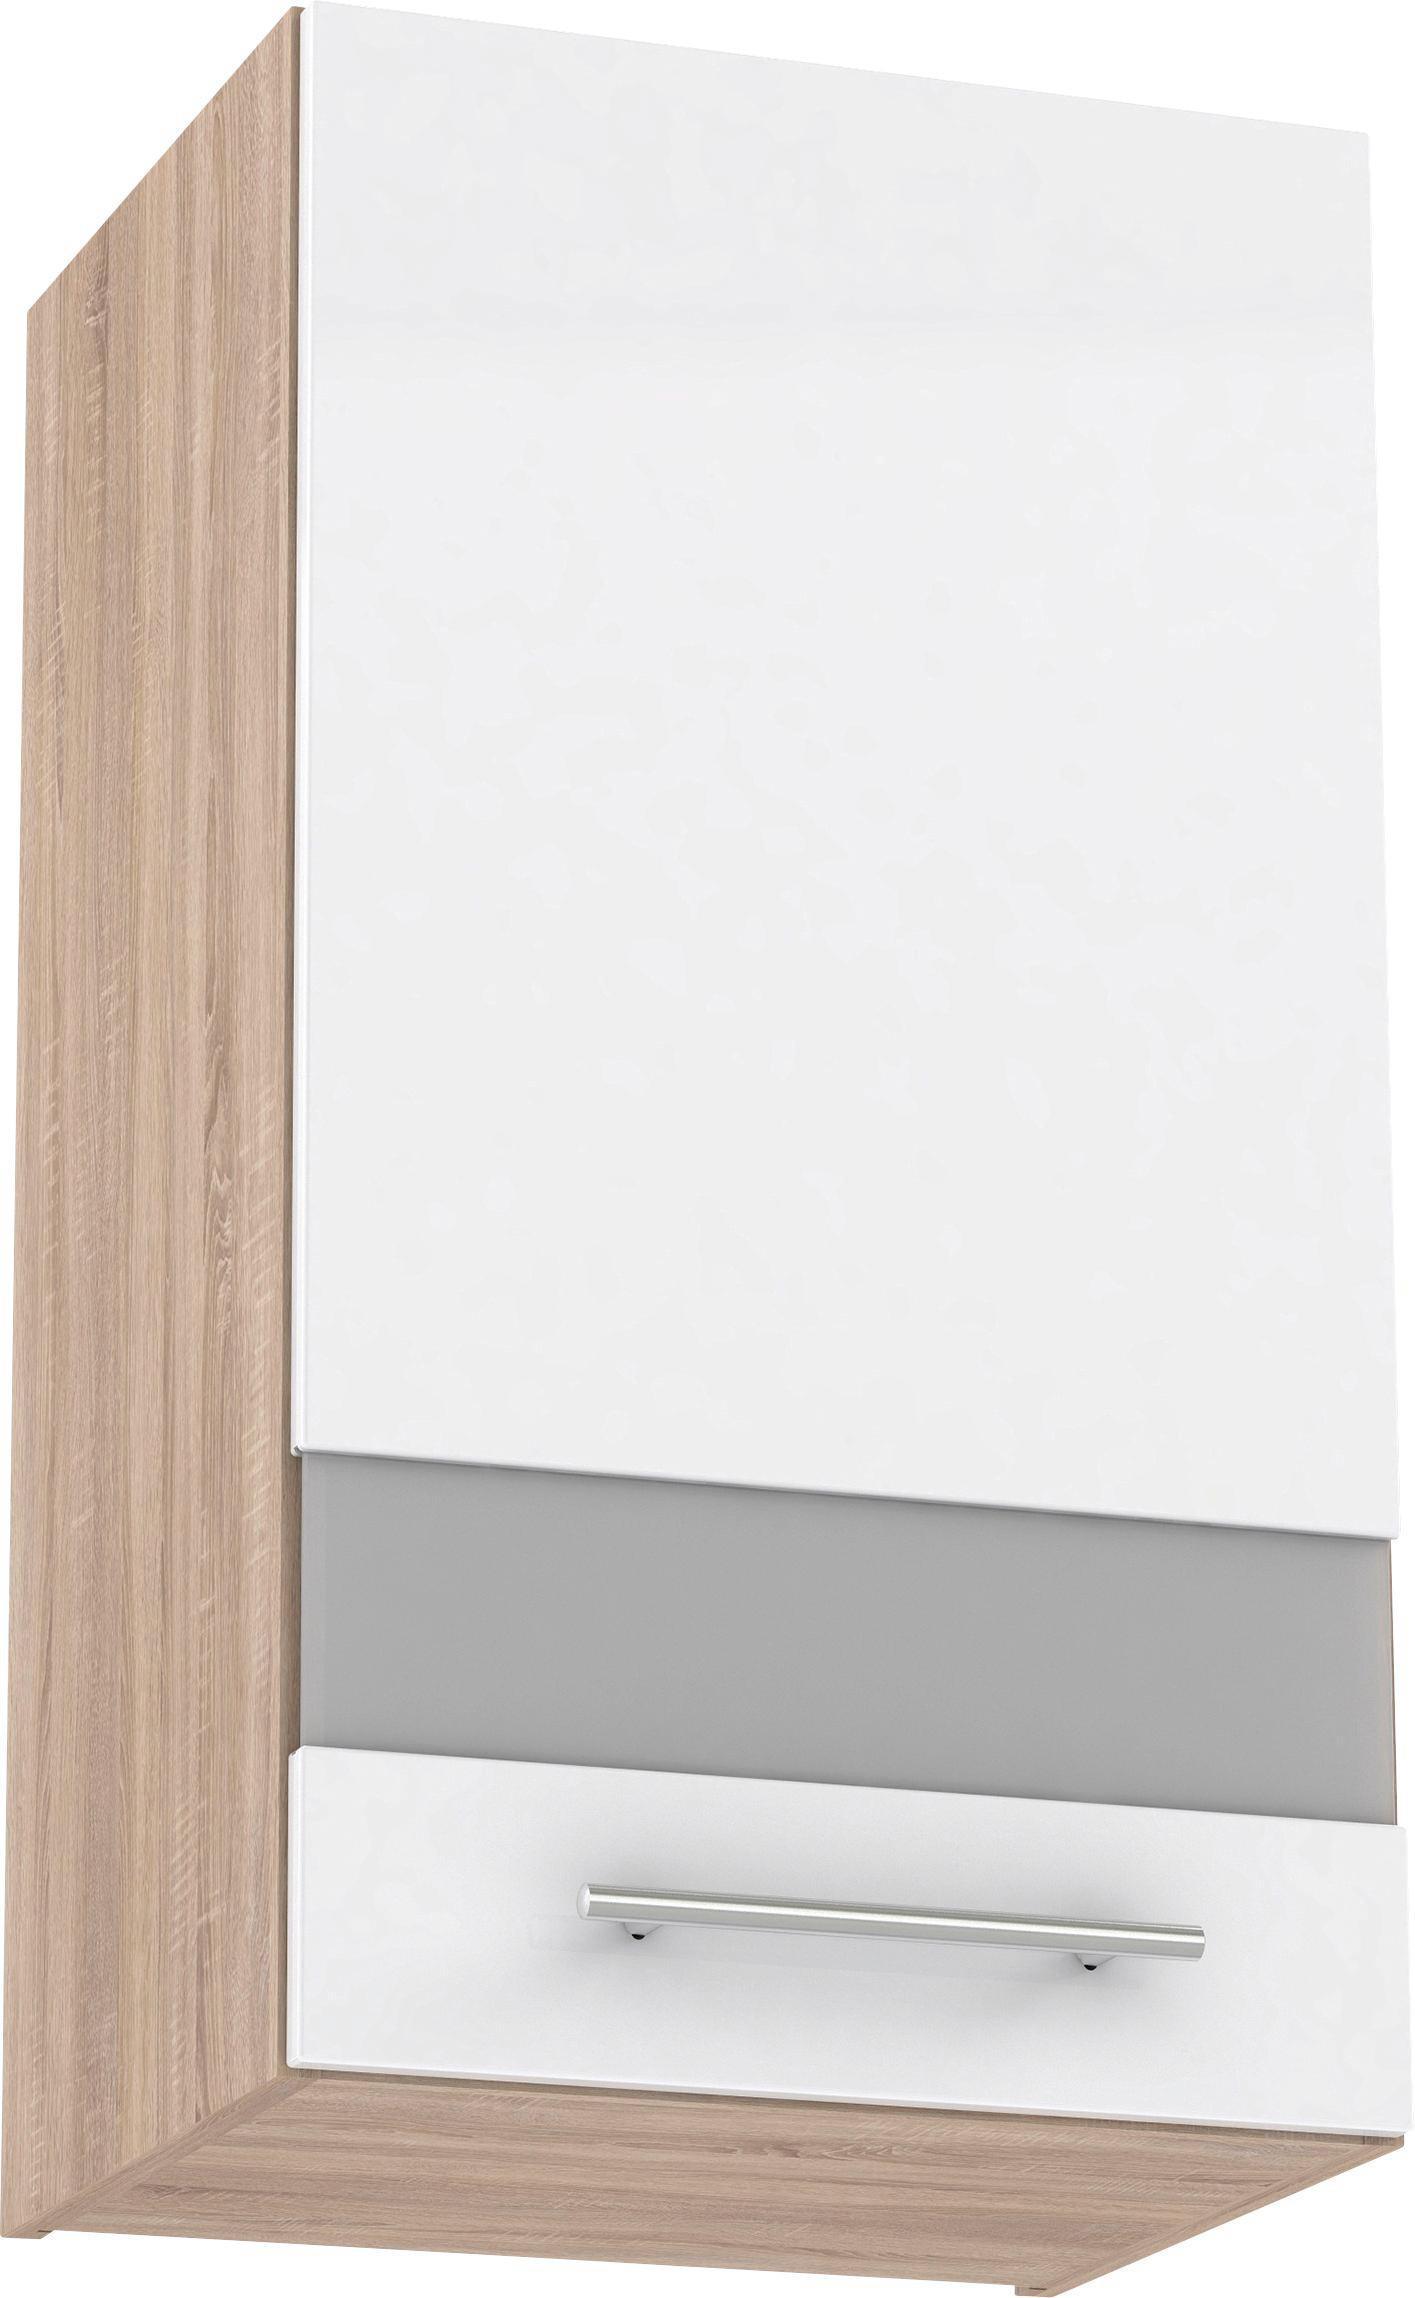 Konyha Felsőszekrény Multiforte - Sonoma tölgy/fehér, üveg/fa (40/72,3/34,6cm)